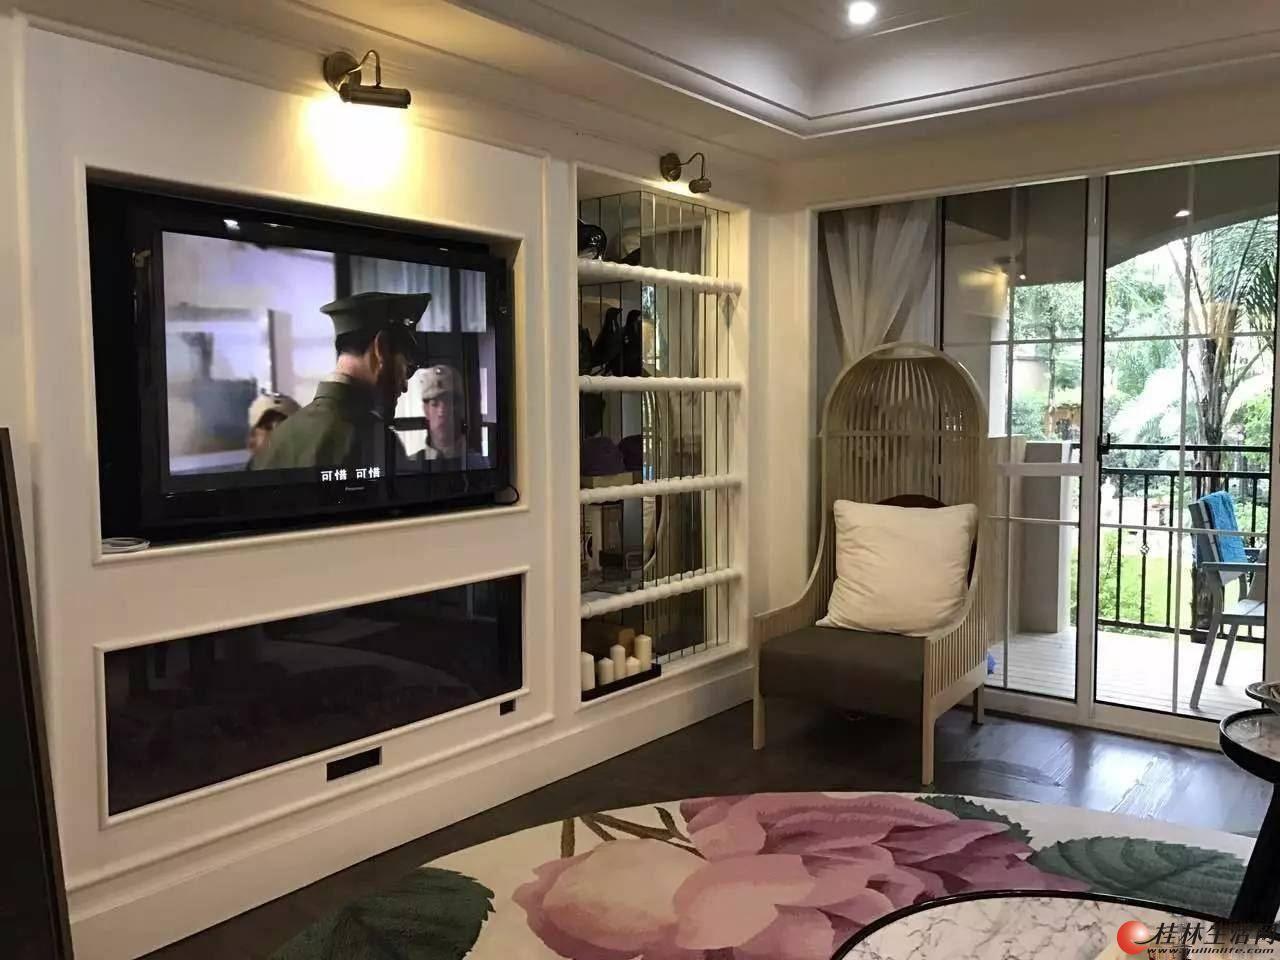 万达商圈 彰泰兰桥圣菲豪装三房 小区中心位置 送家电家具仅需1